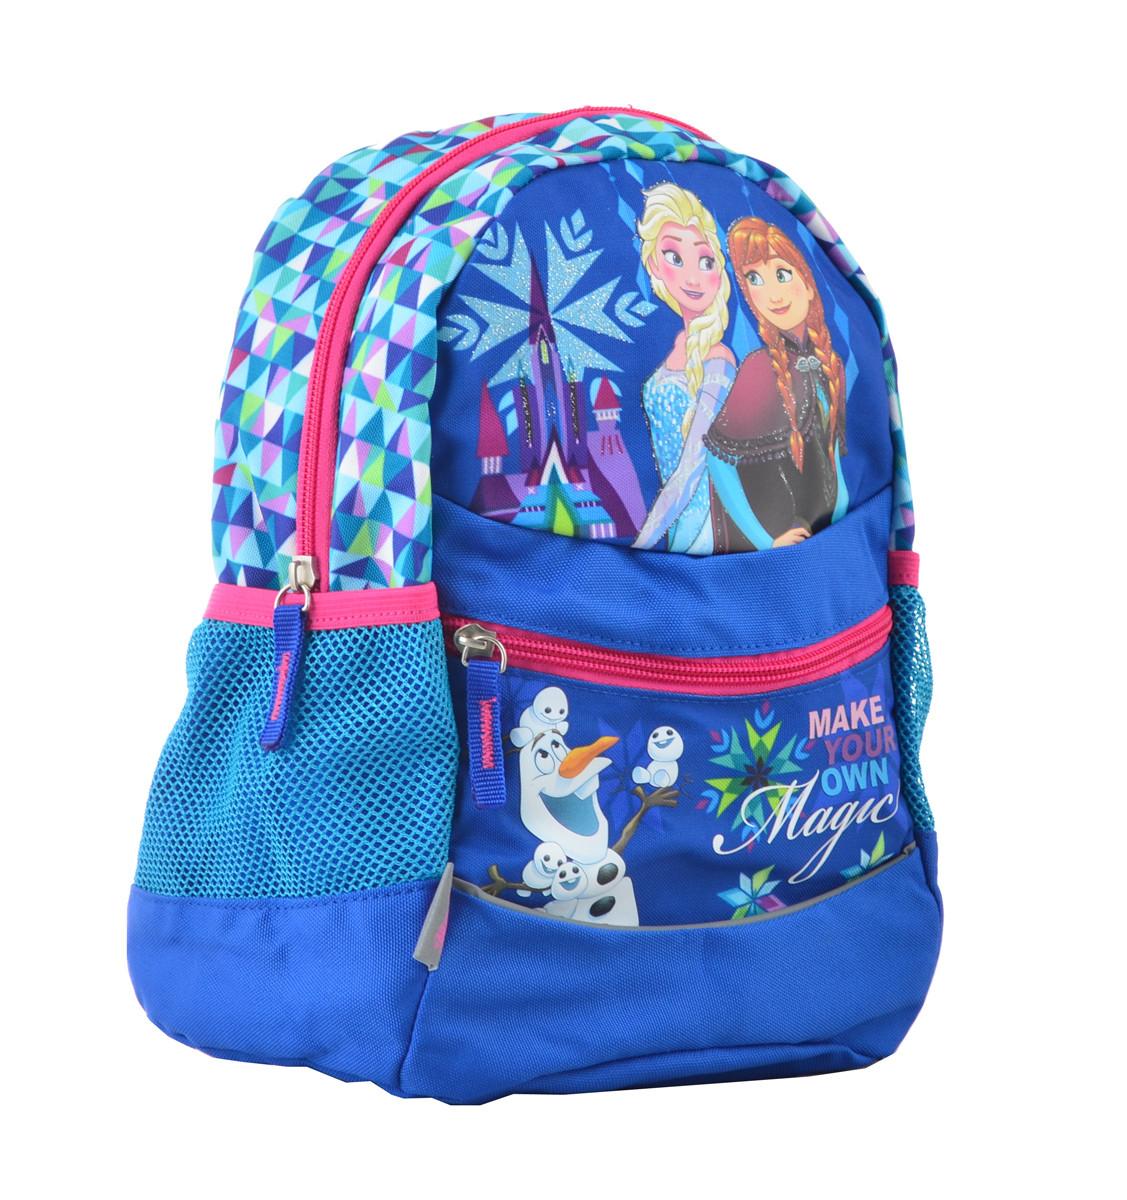 Рюкзак детский дошкольный 1 Вересня K-20 Frozen, 29*22*15.5 код: 555375